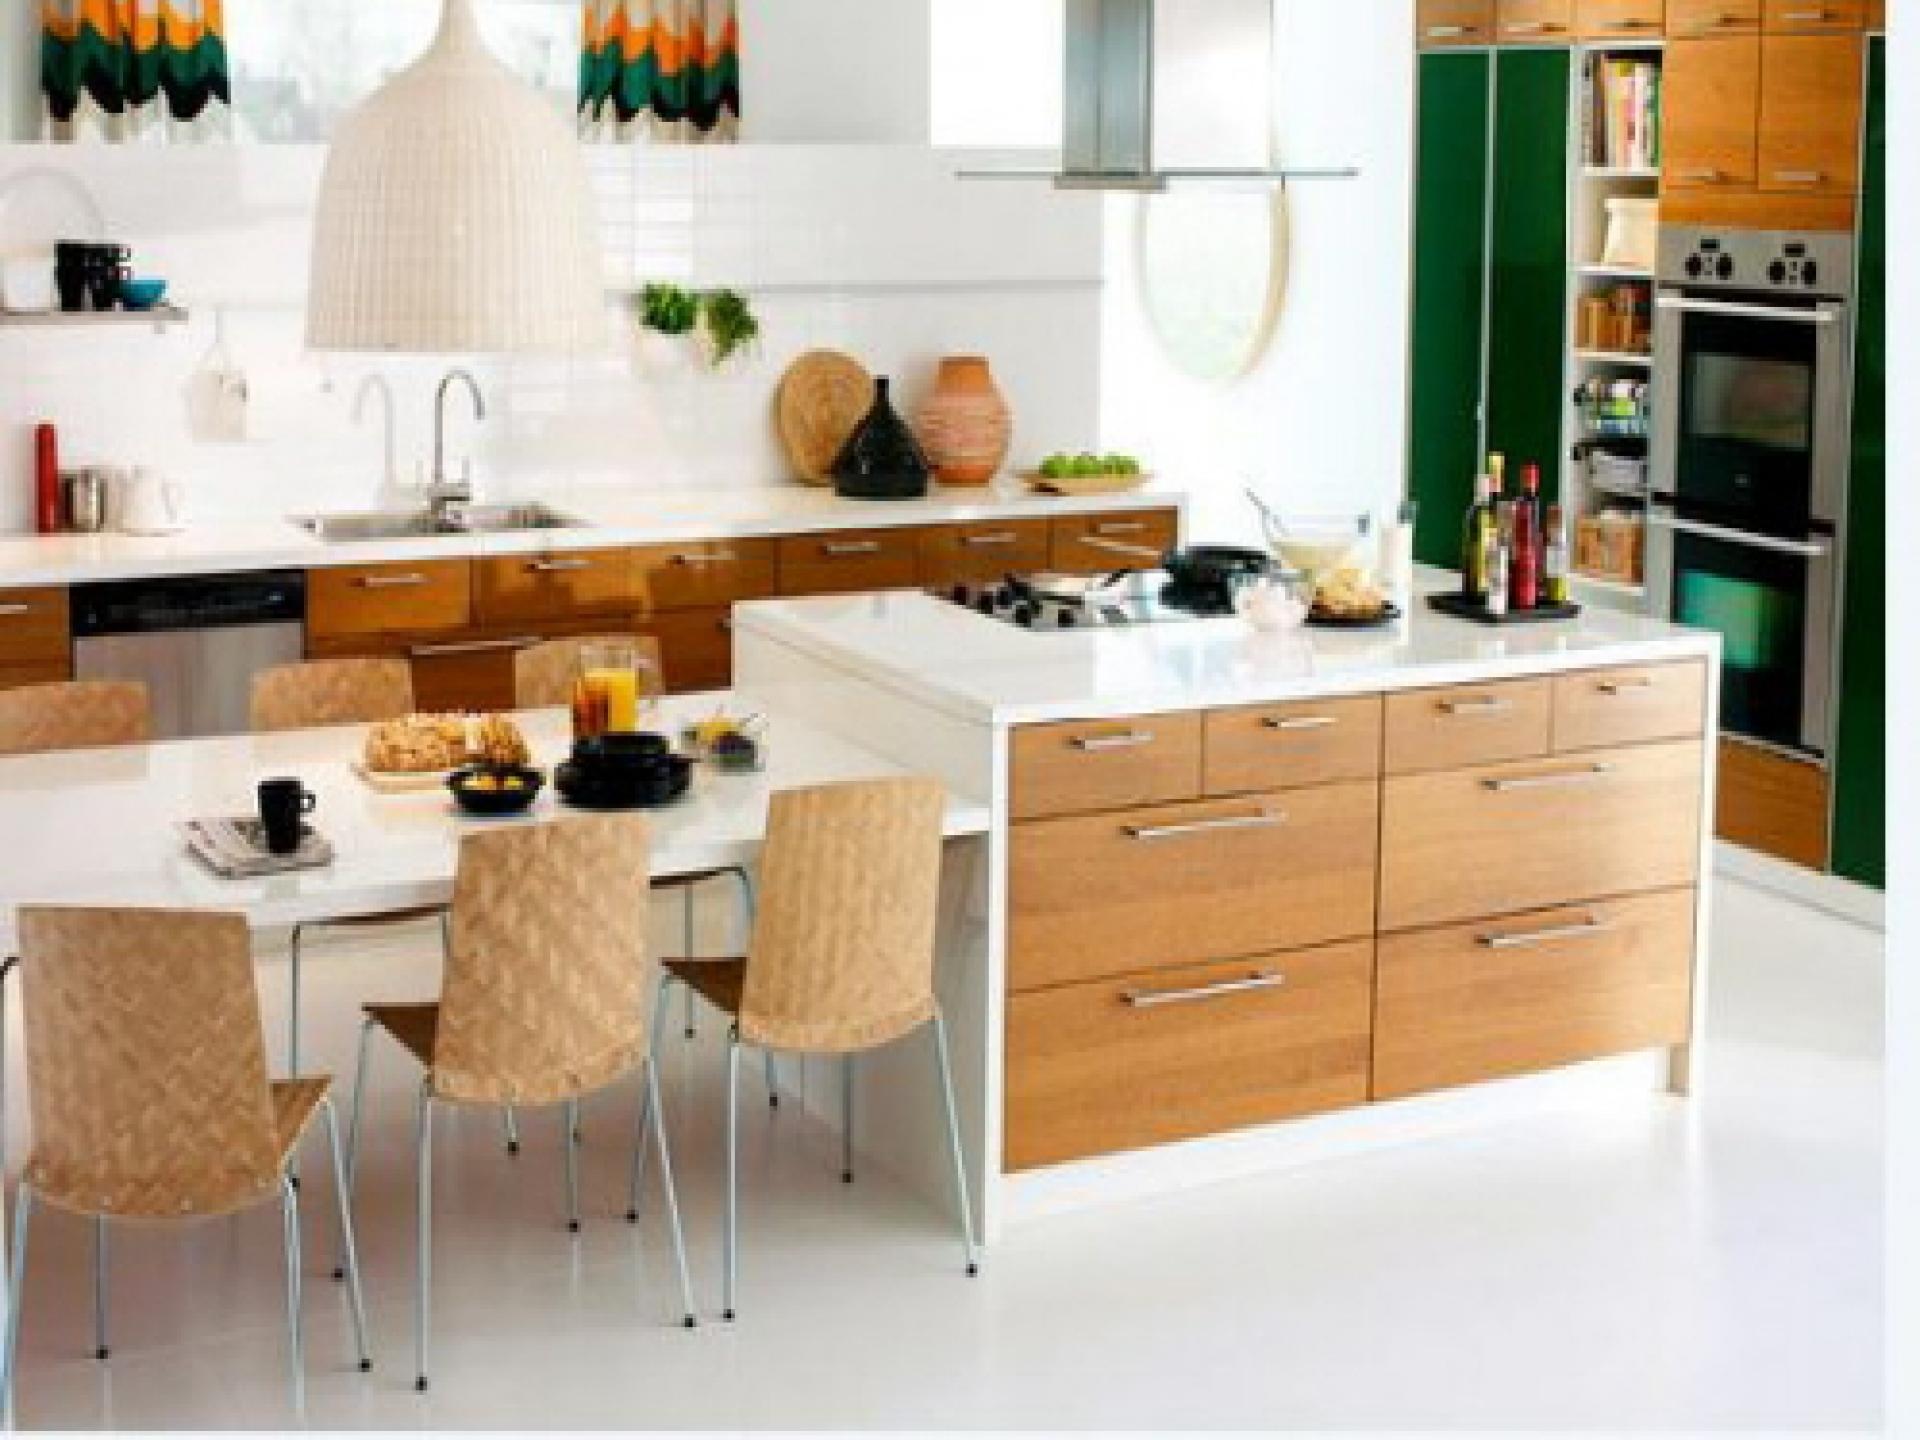 Кухонная мебель в Икее — идеальное решение для любого интерьера.